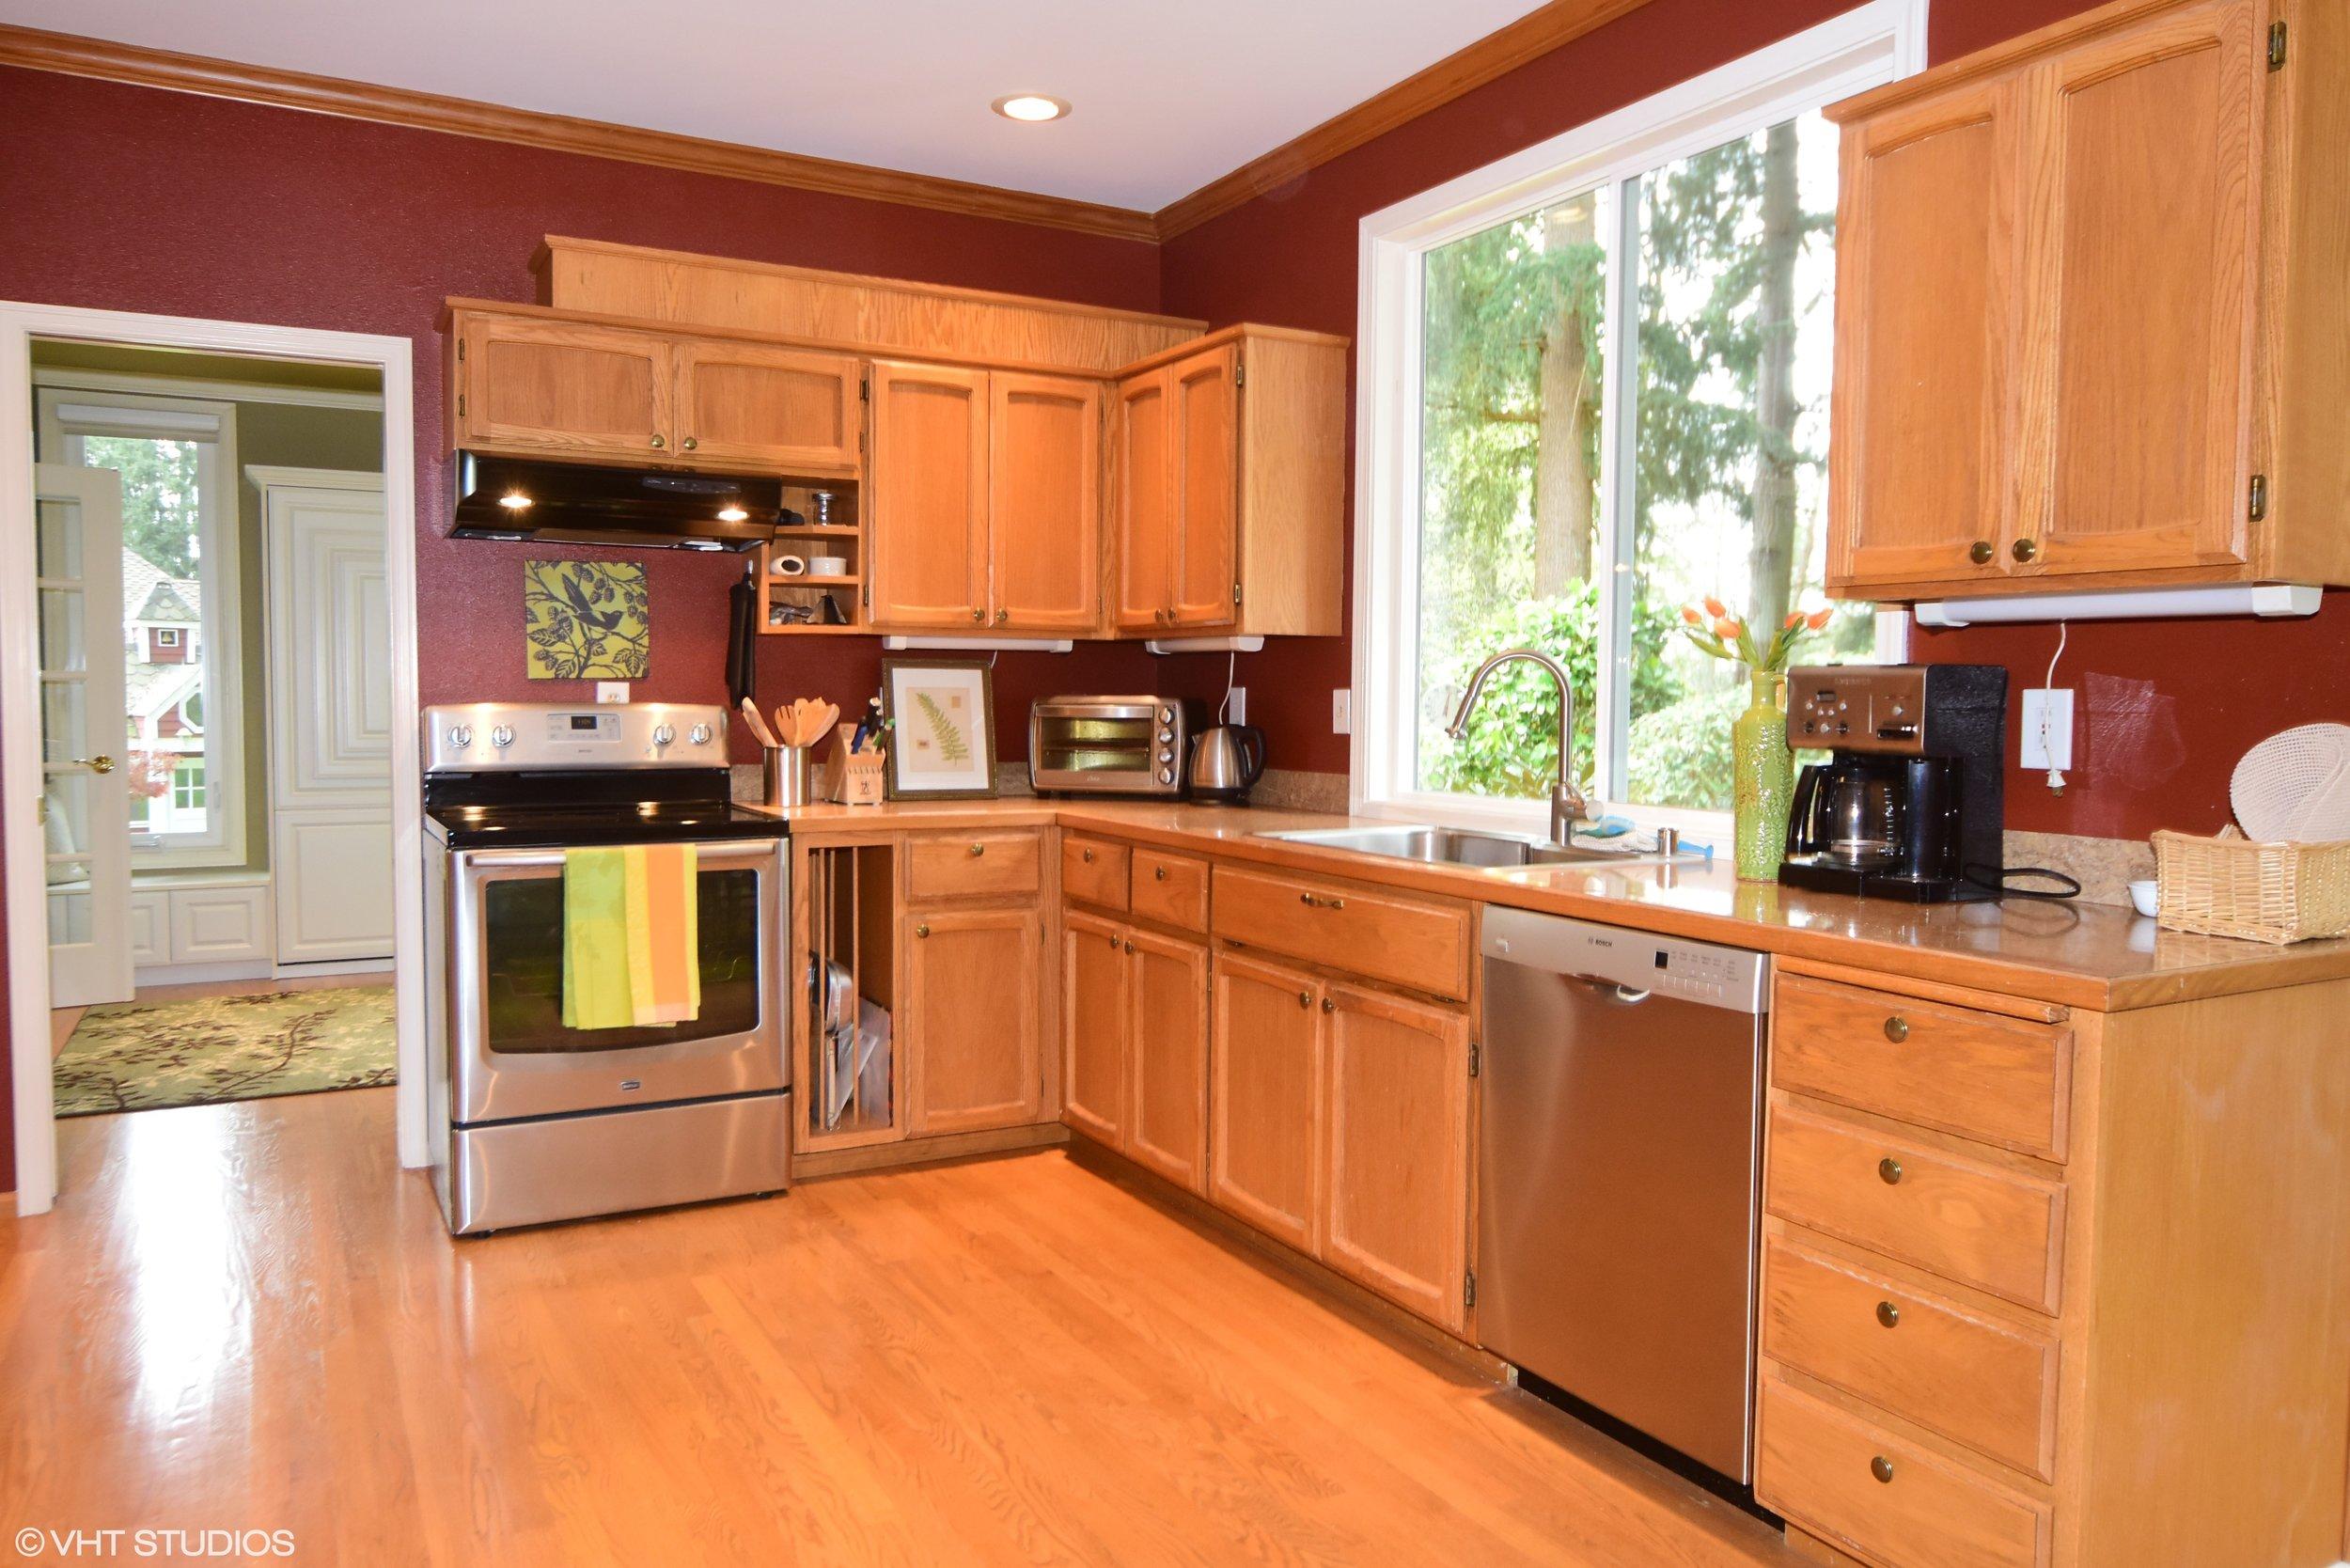 kitchen-view.jpg